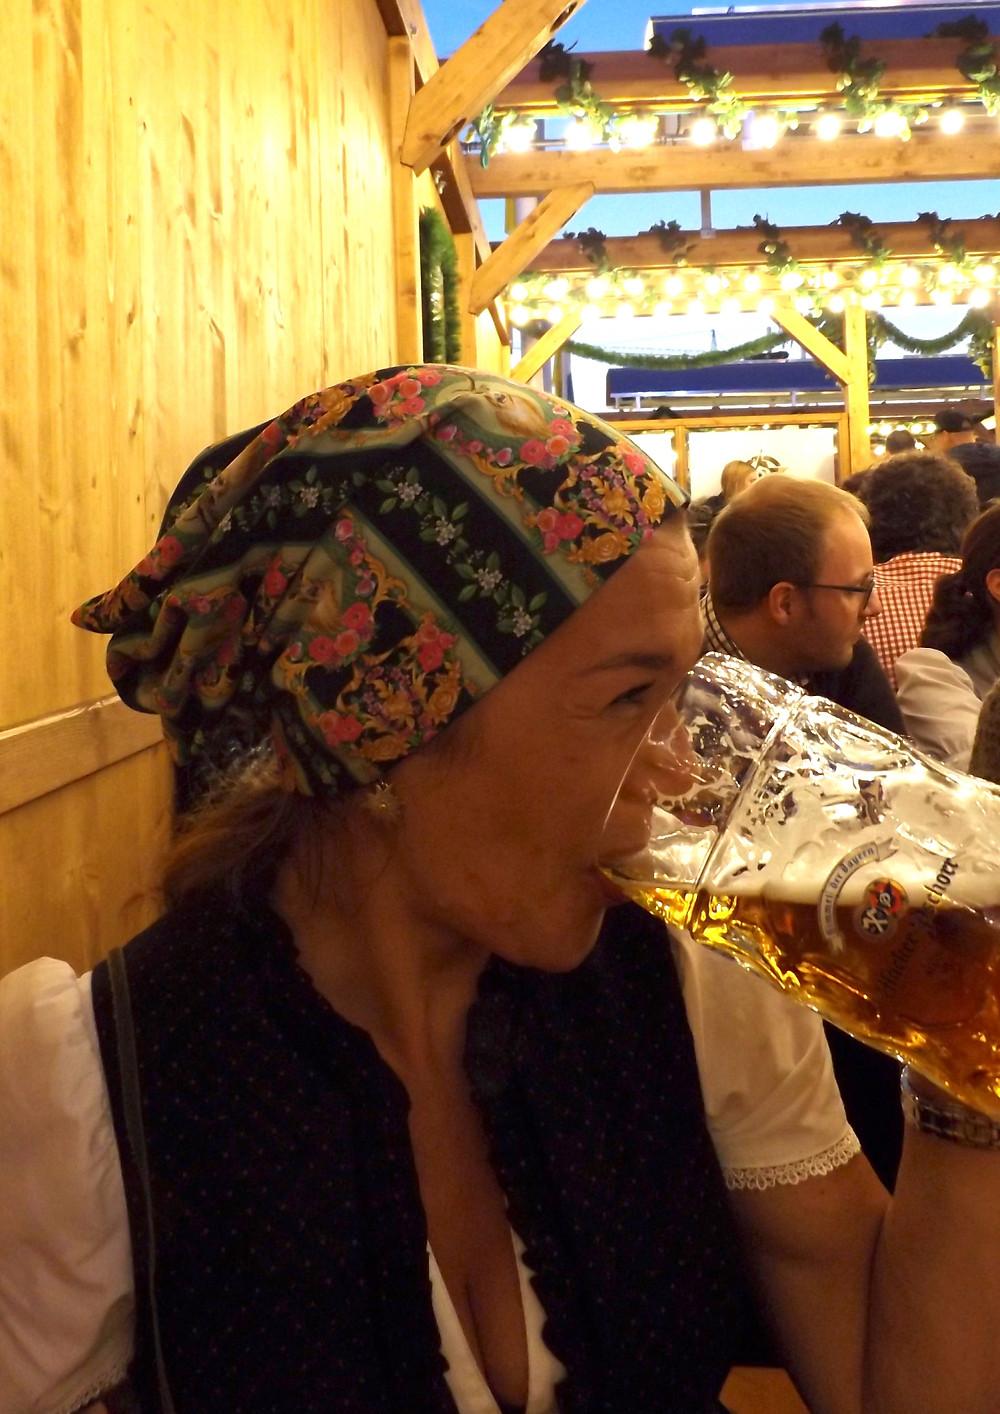 O'zapft is. Heike mit Longbeanie. Sixx-Zagg-Mützen von prettybanana.com. Deine individuelle Mütze aus München.